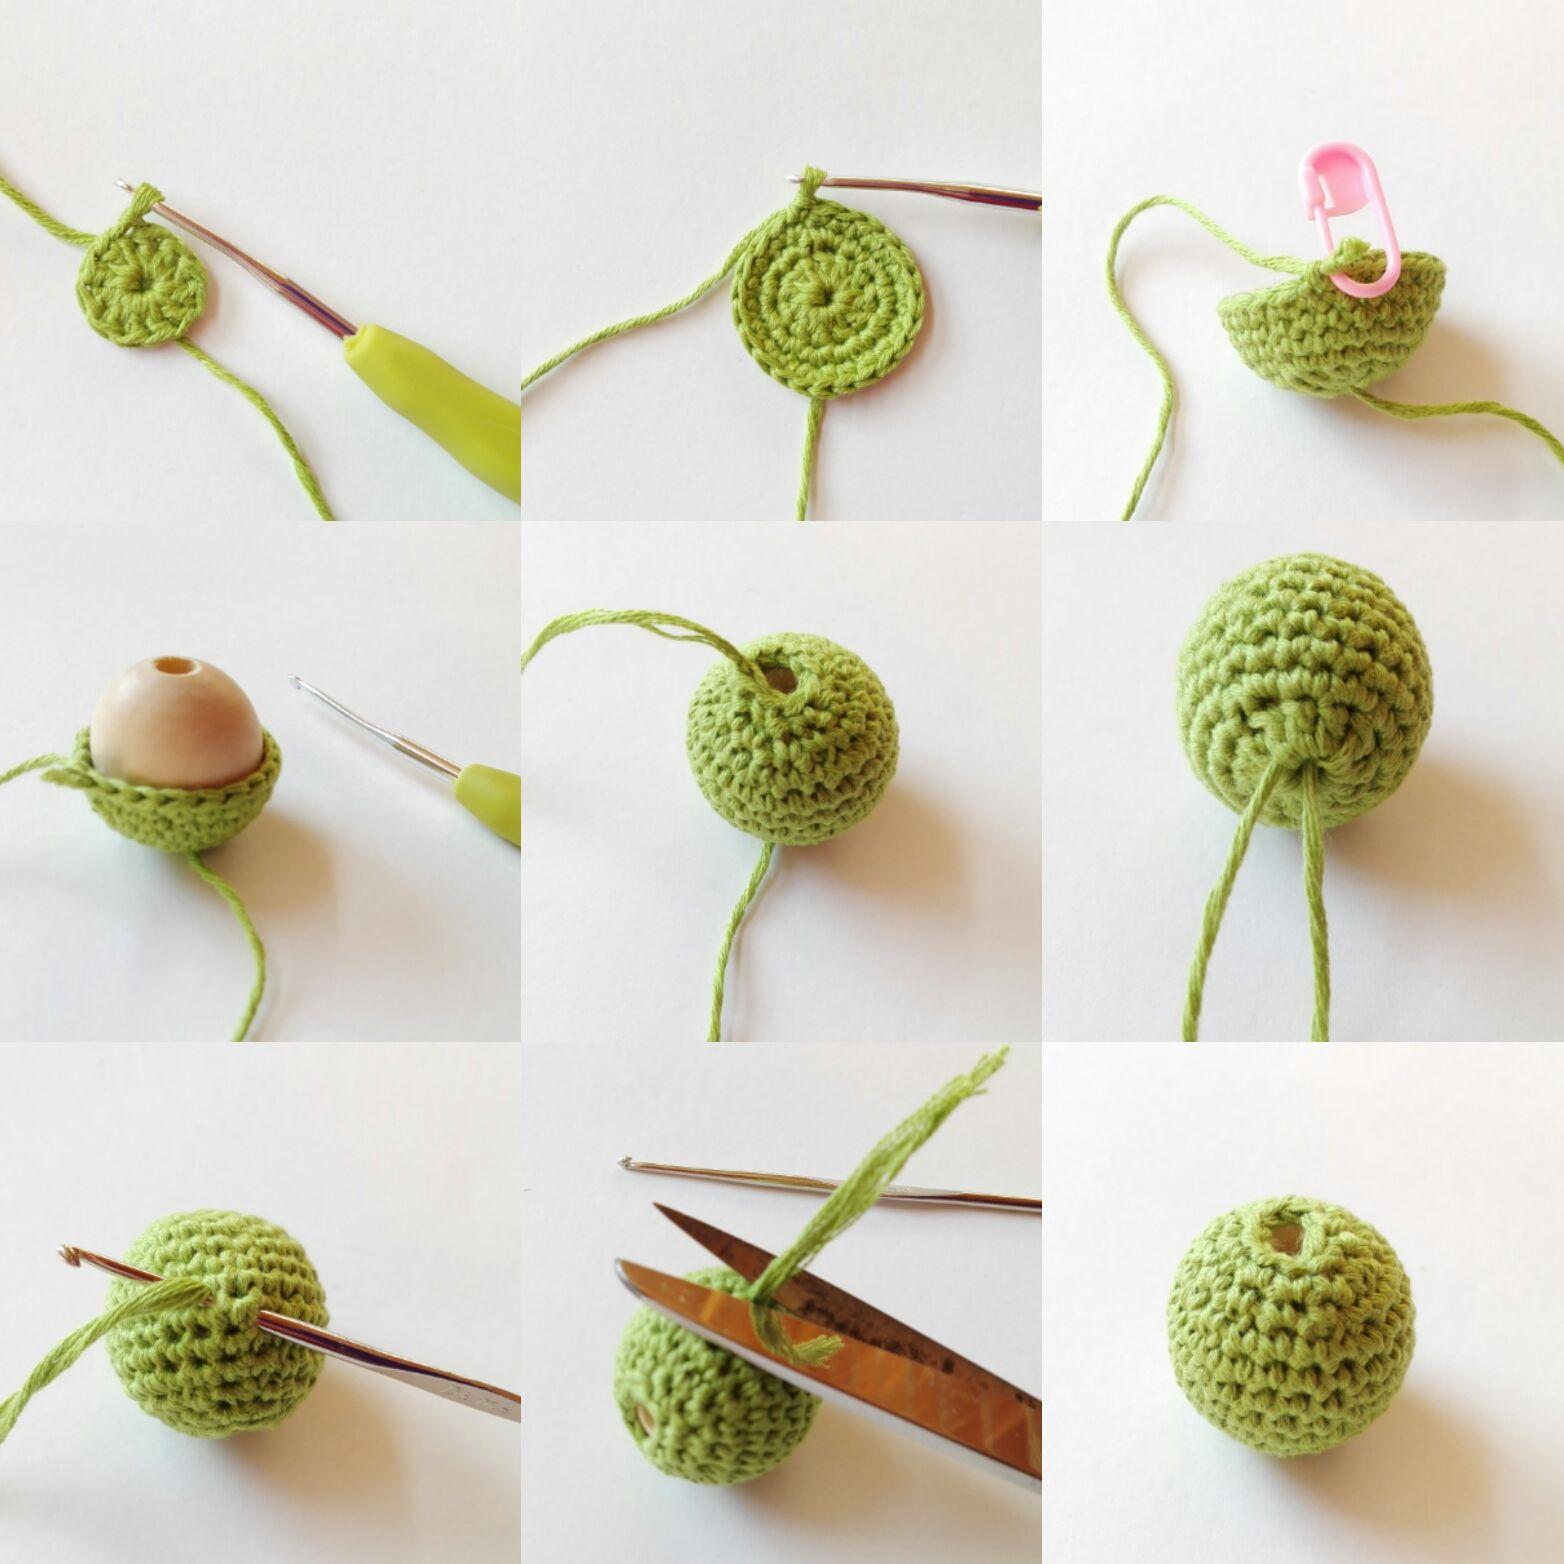 Proceso de elaboraci n de las bolas de madera forradas a - Bolas de ganchillo ...